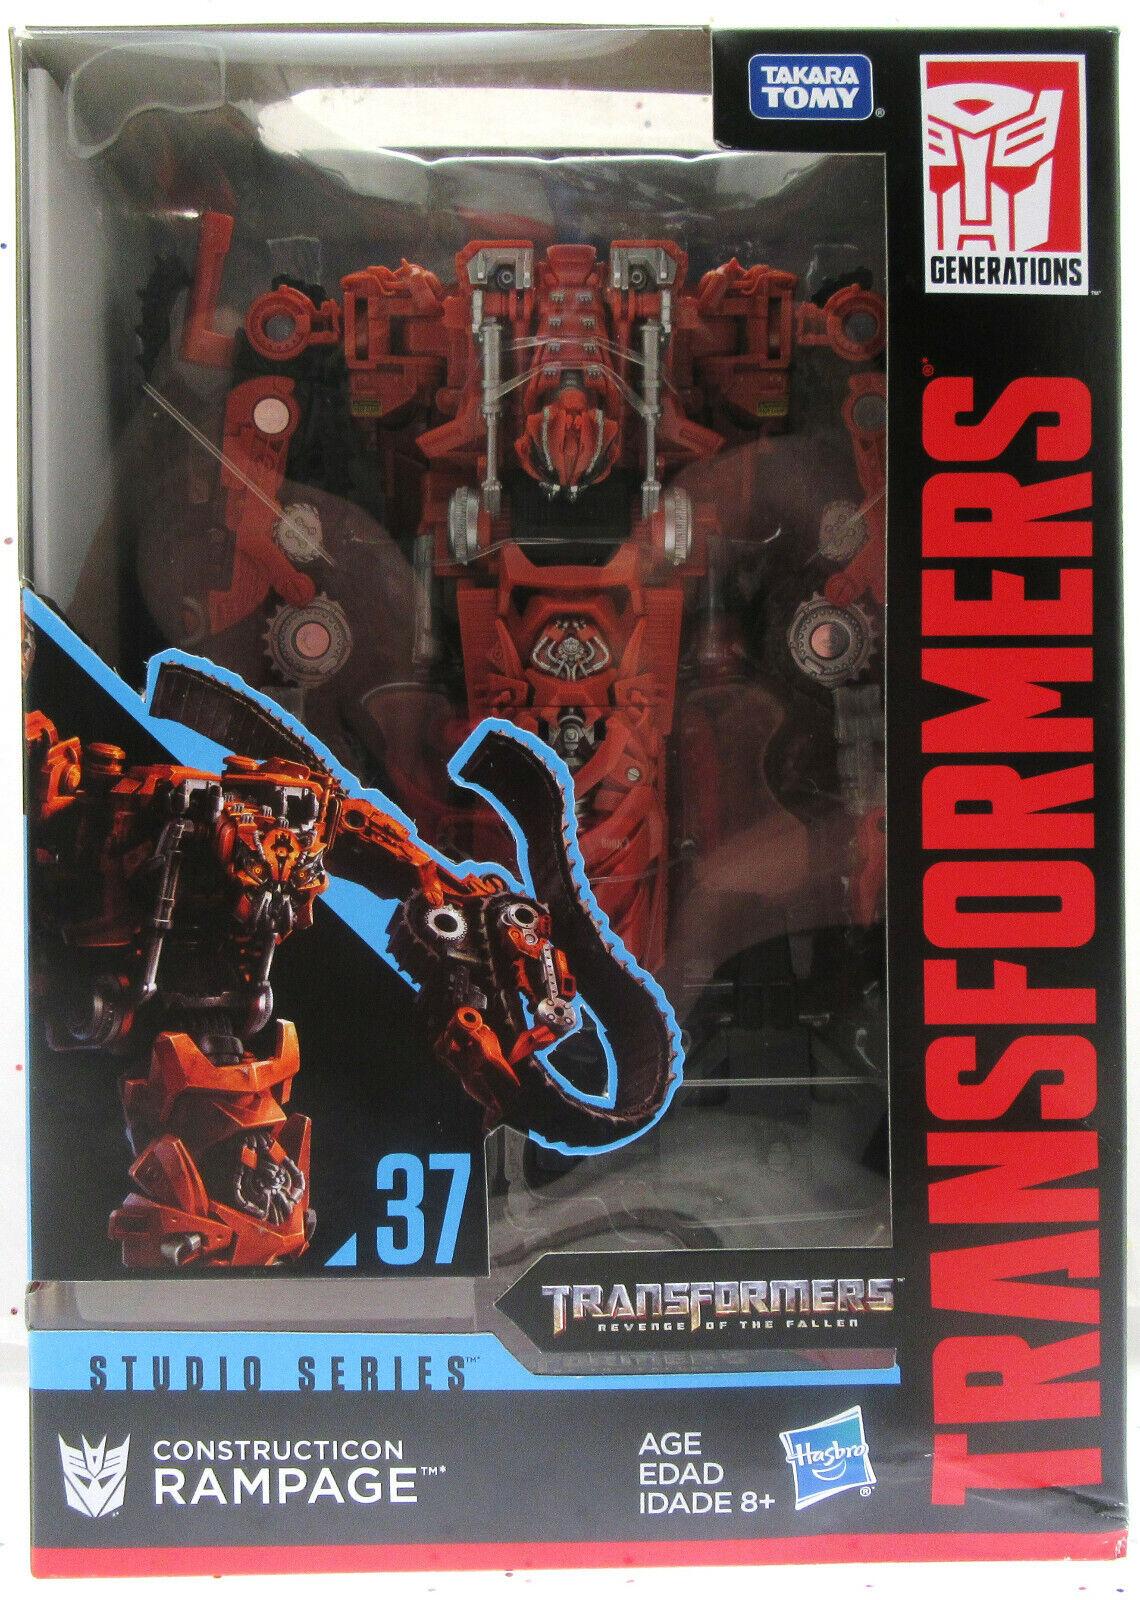 TRANSFORMERS  Rampage 37  Studio Series  Decepticon Constructicon  Hasbro